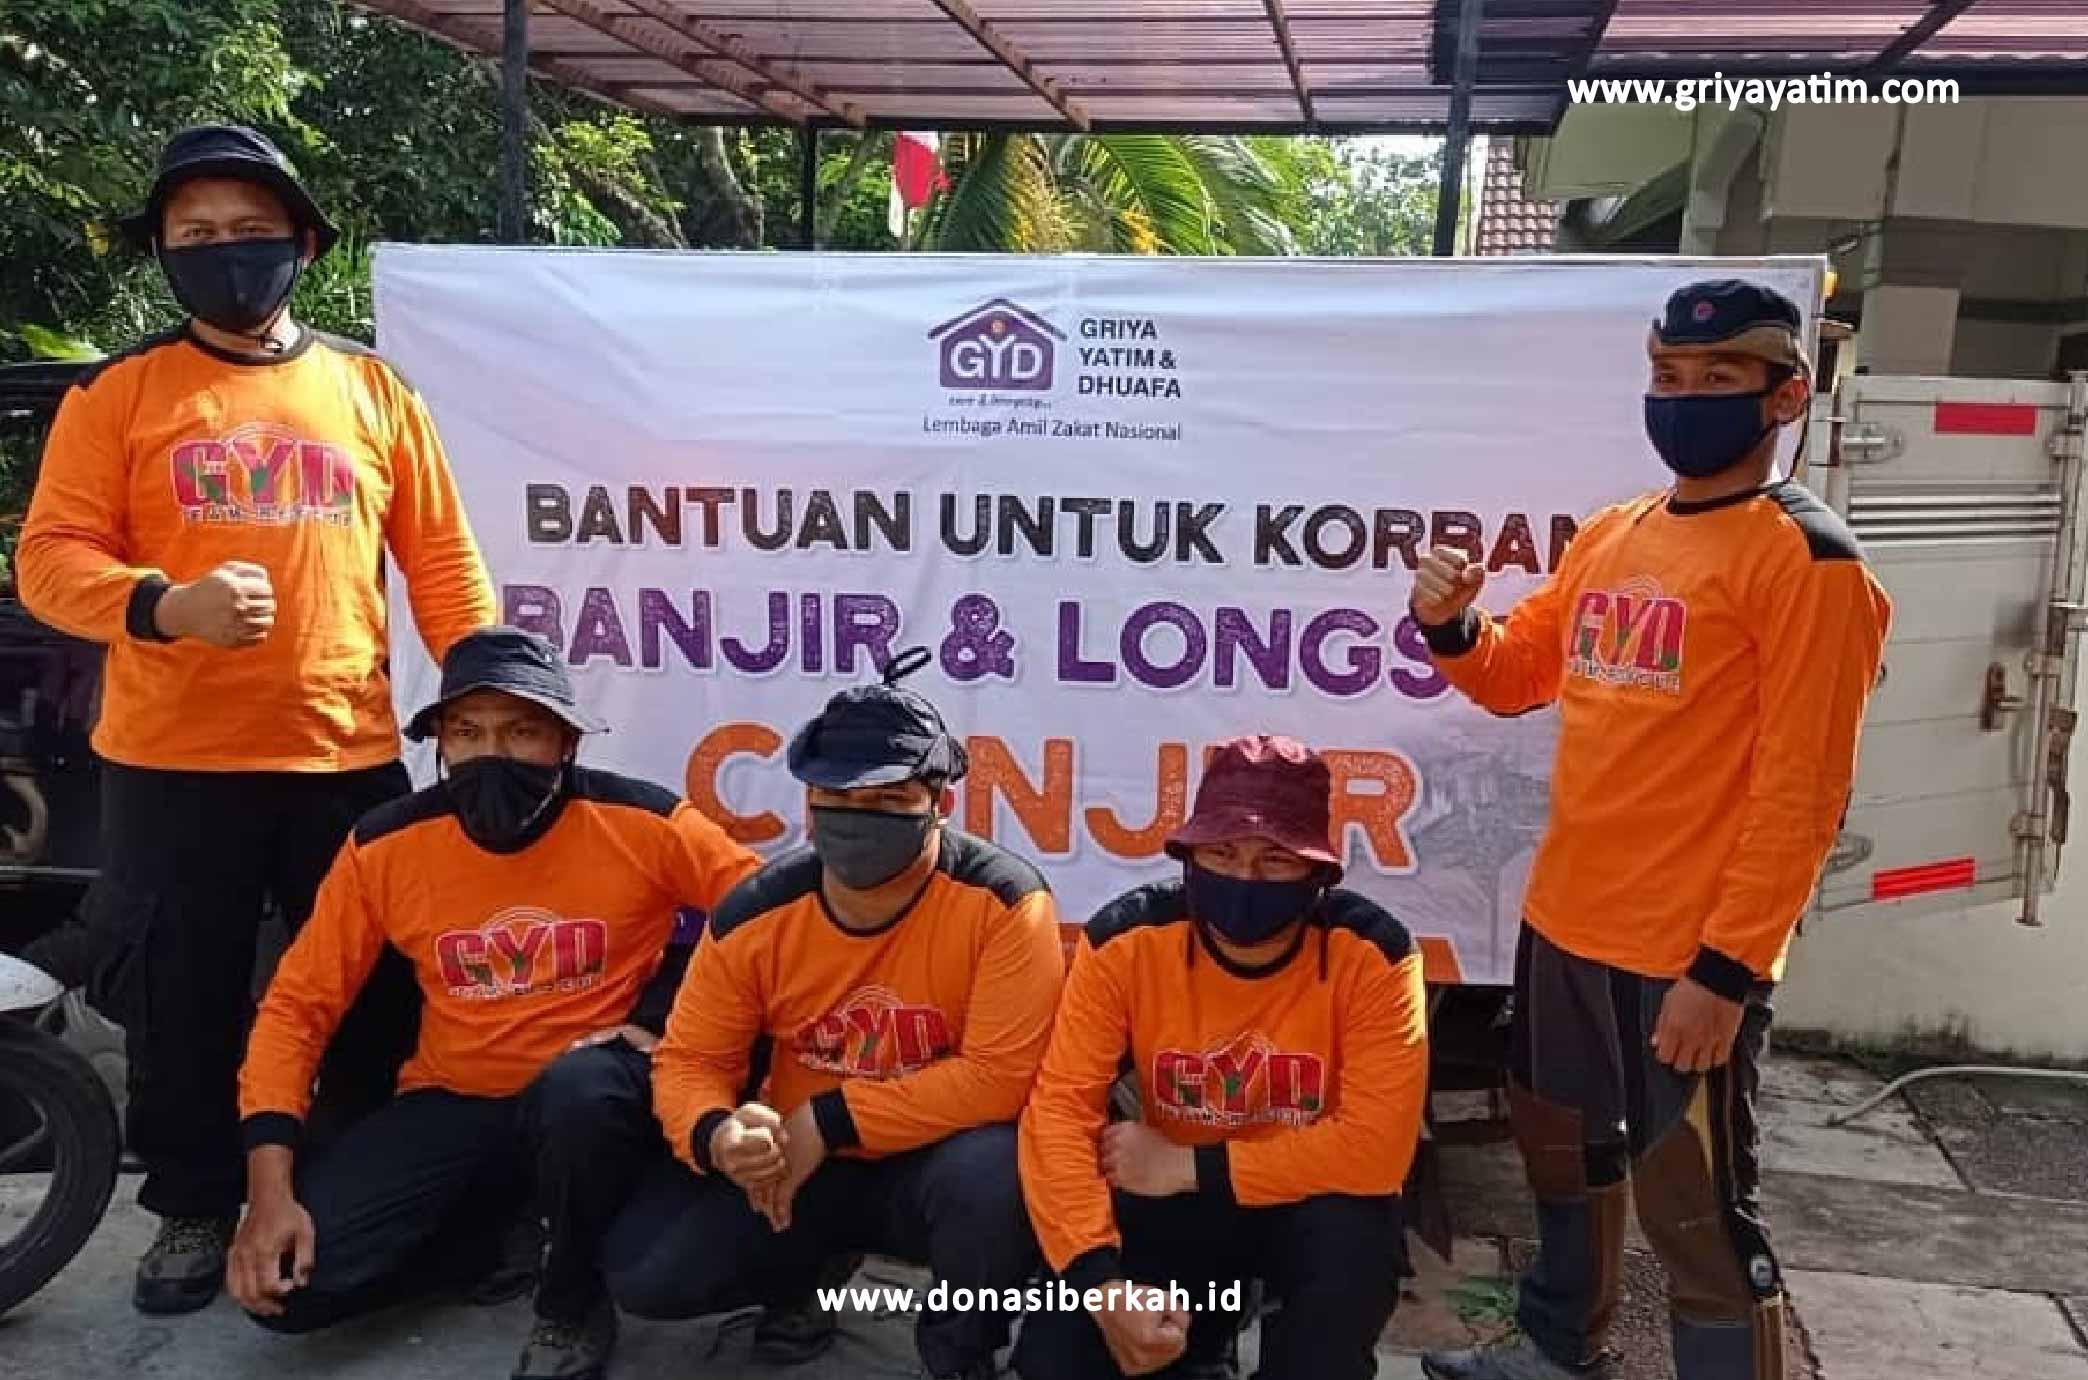 Bantuan Untuk Korban Banjir dan Longsir Cianjur